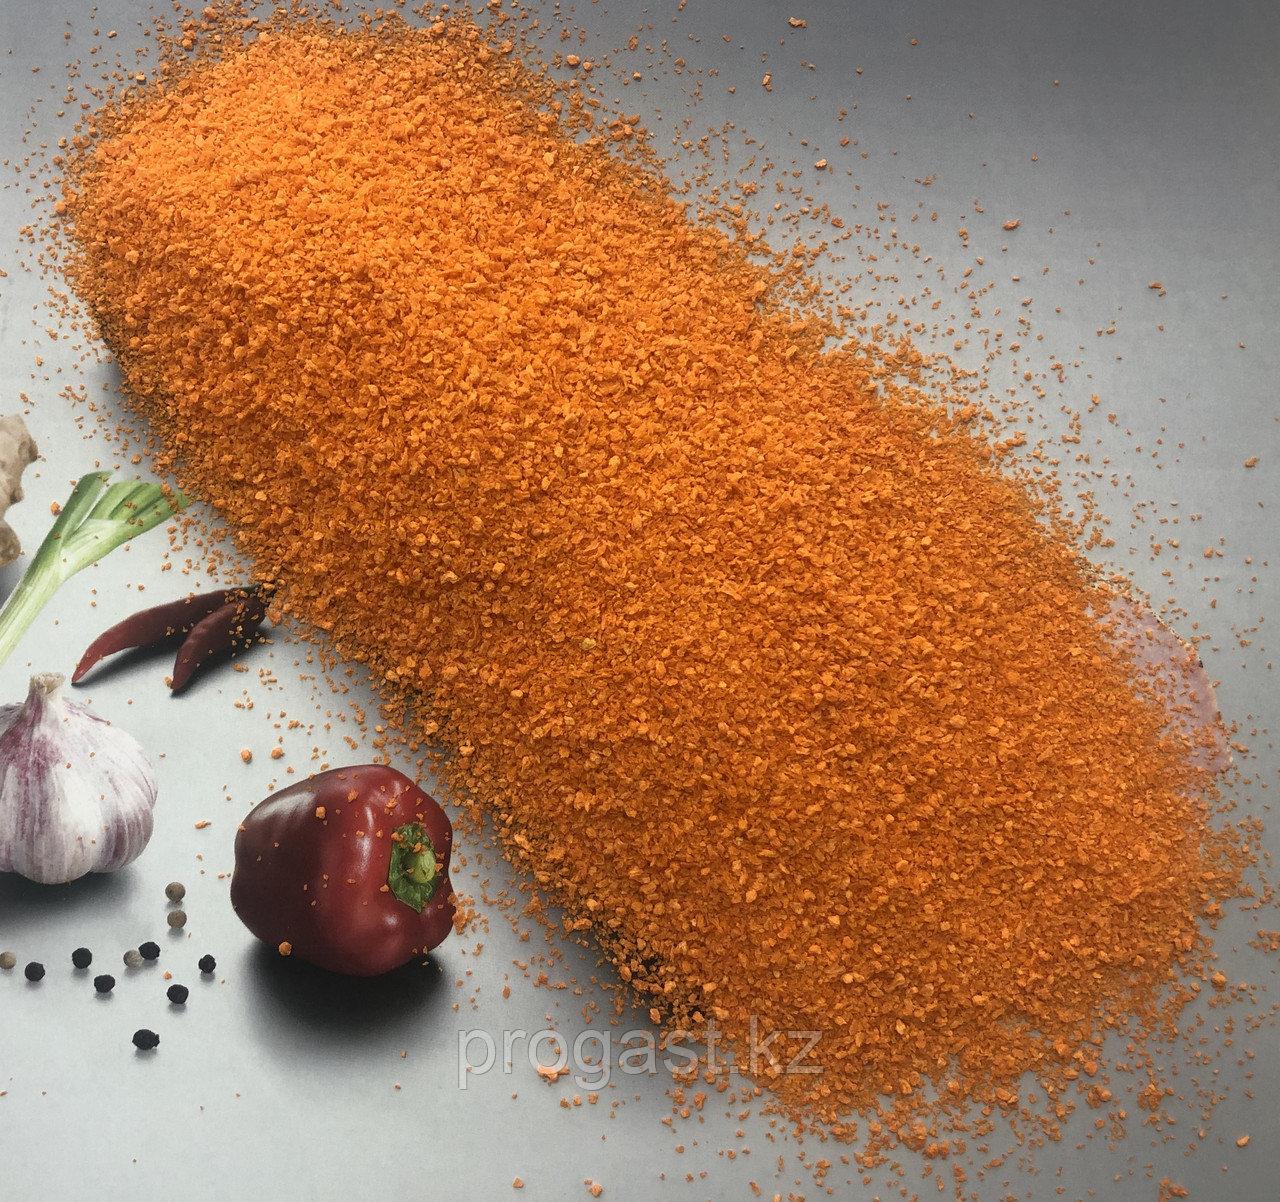 """Сухари панировочные """"Протекс А"""" желто-оранжевые"""